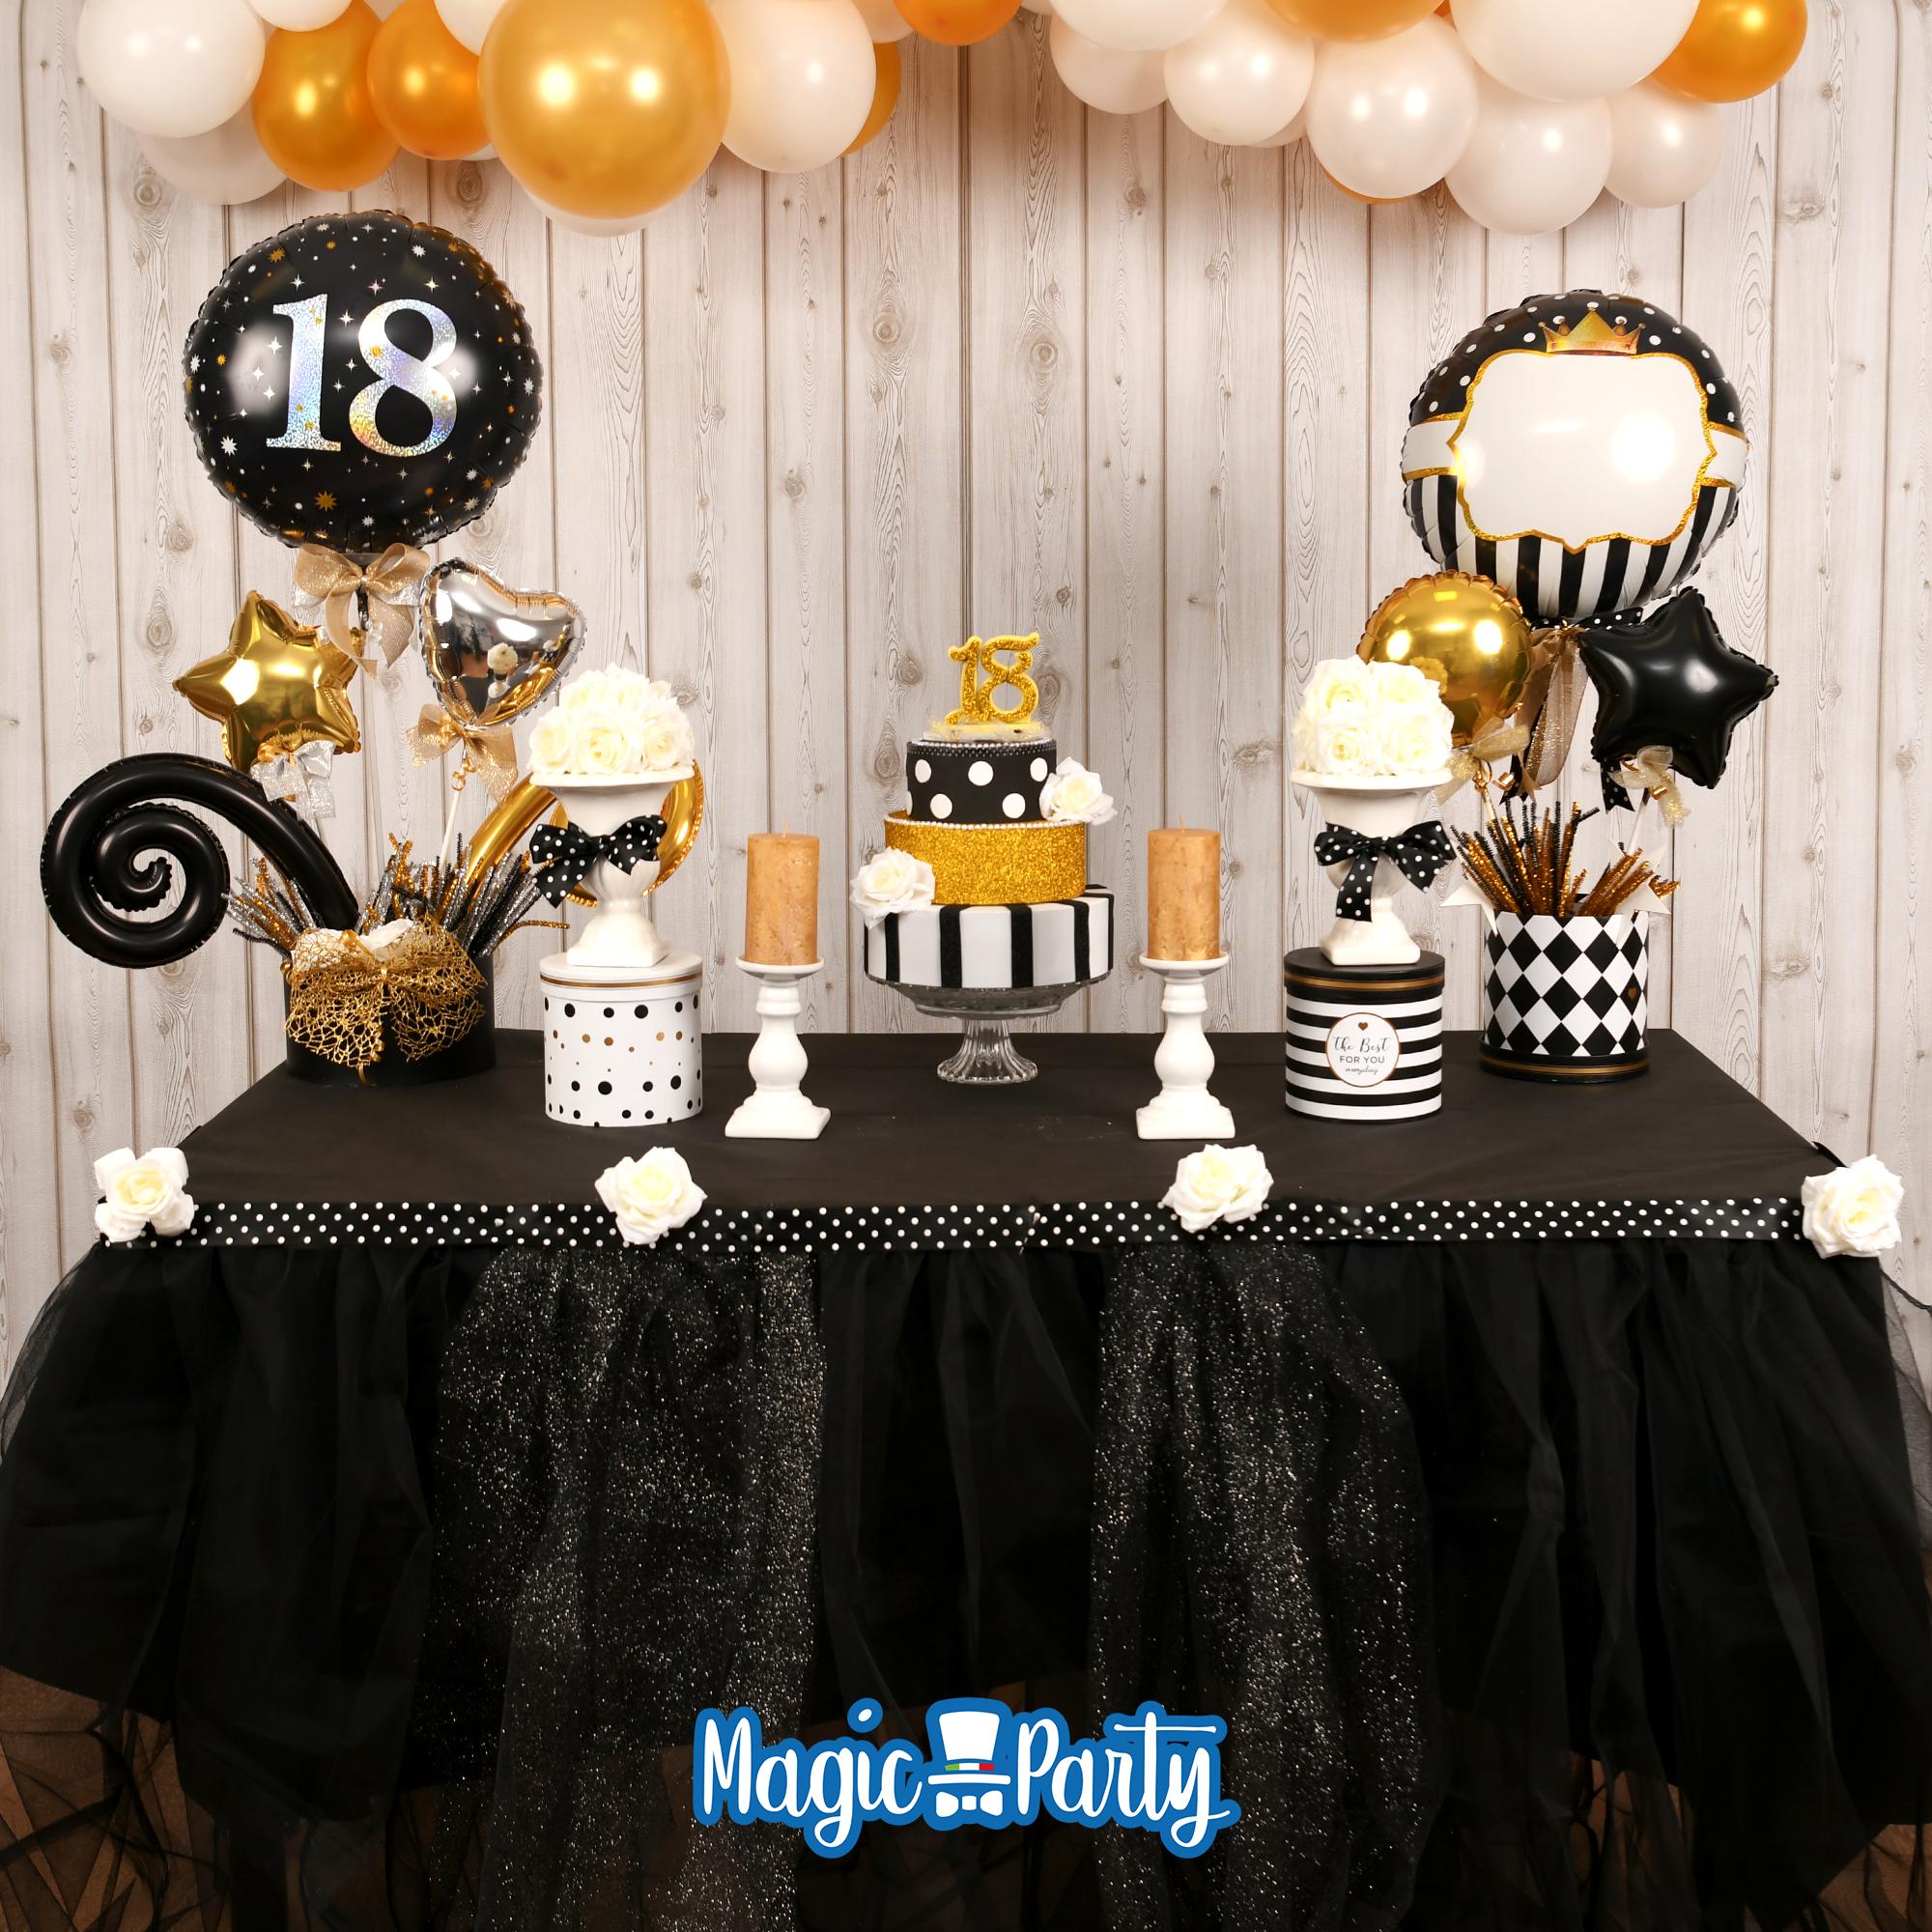 Addobbi Tavola Per Halloween 🍰 stai organizzando una festa per un diciottesimo